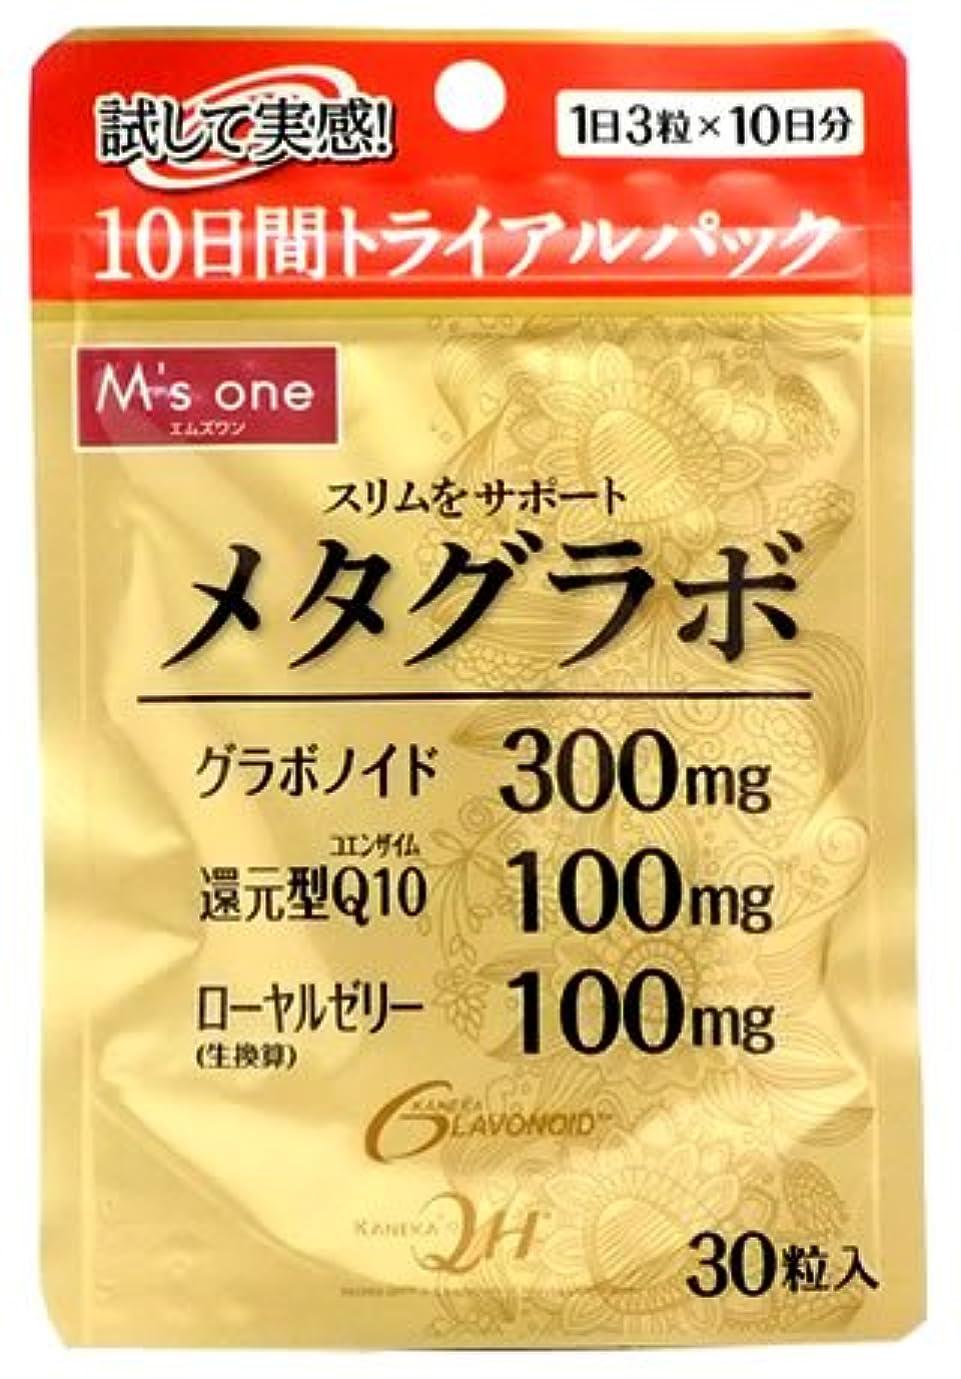 観光等賃金エムズワン メタグラボ ダイエットサプリ グラボノイド 10日分 (30粒入) トライアルパック